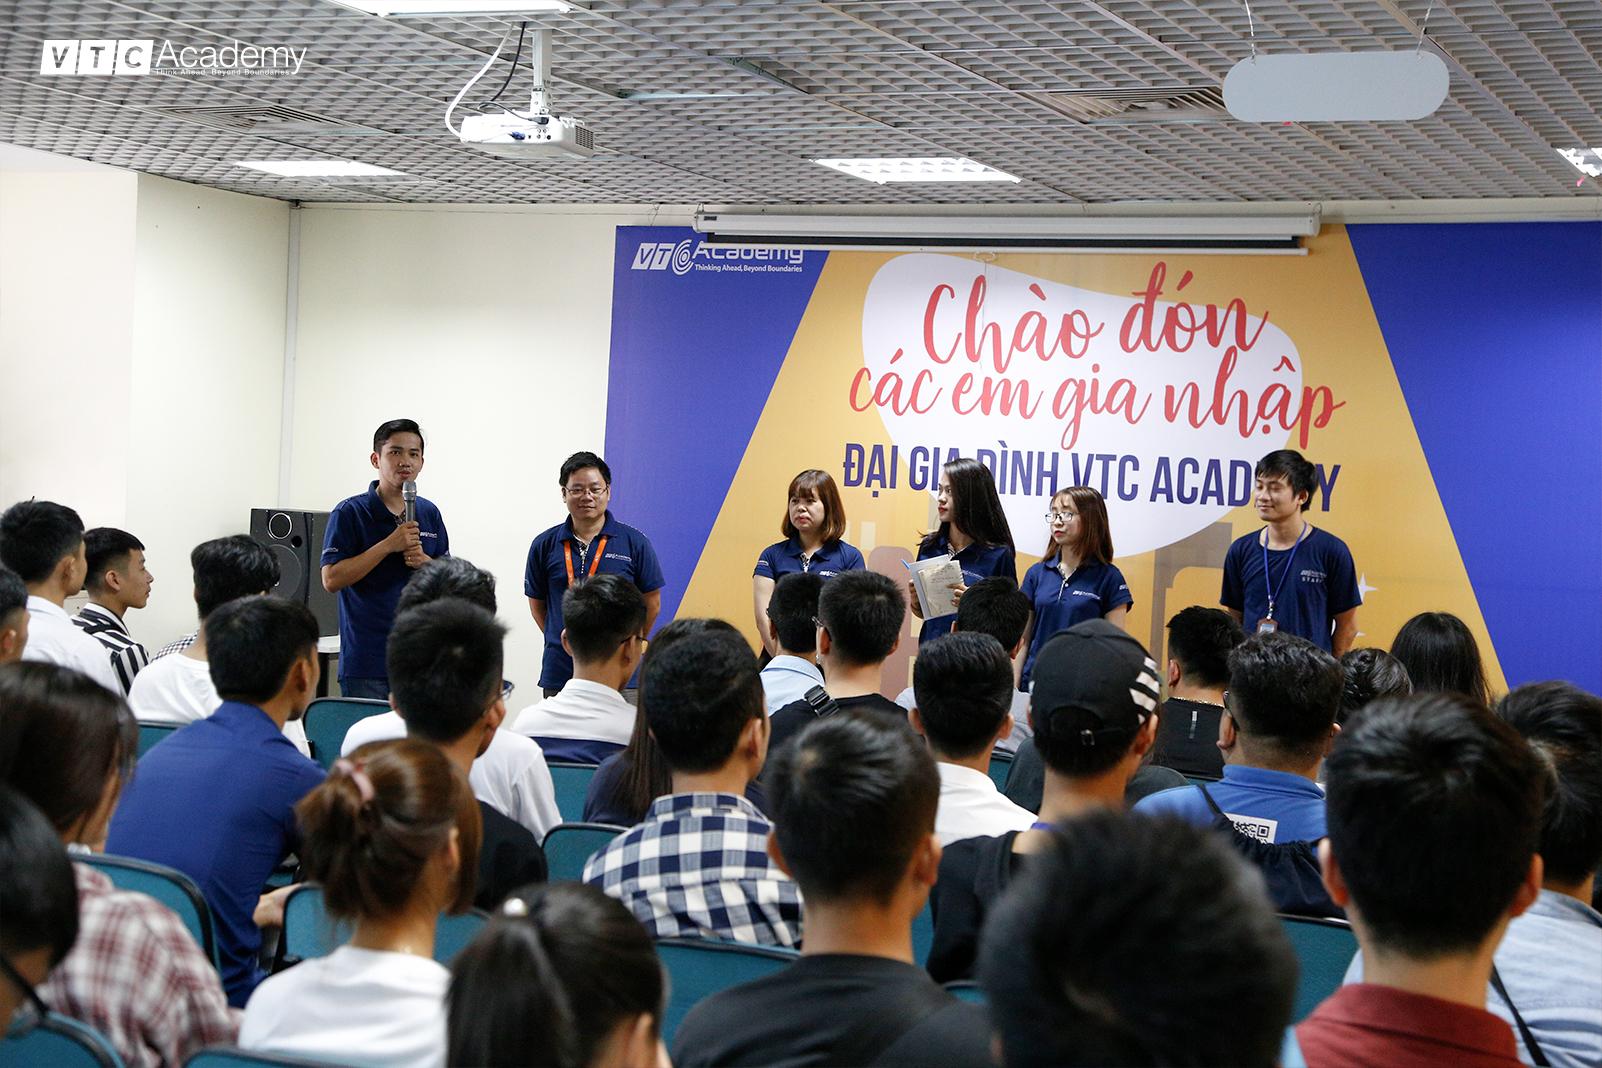 Tân học viên hào hứng tham dự Ngày tựu trường 2018 tại VTC Academy